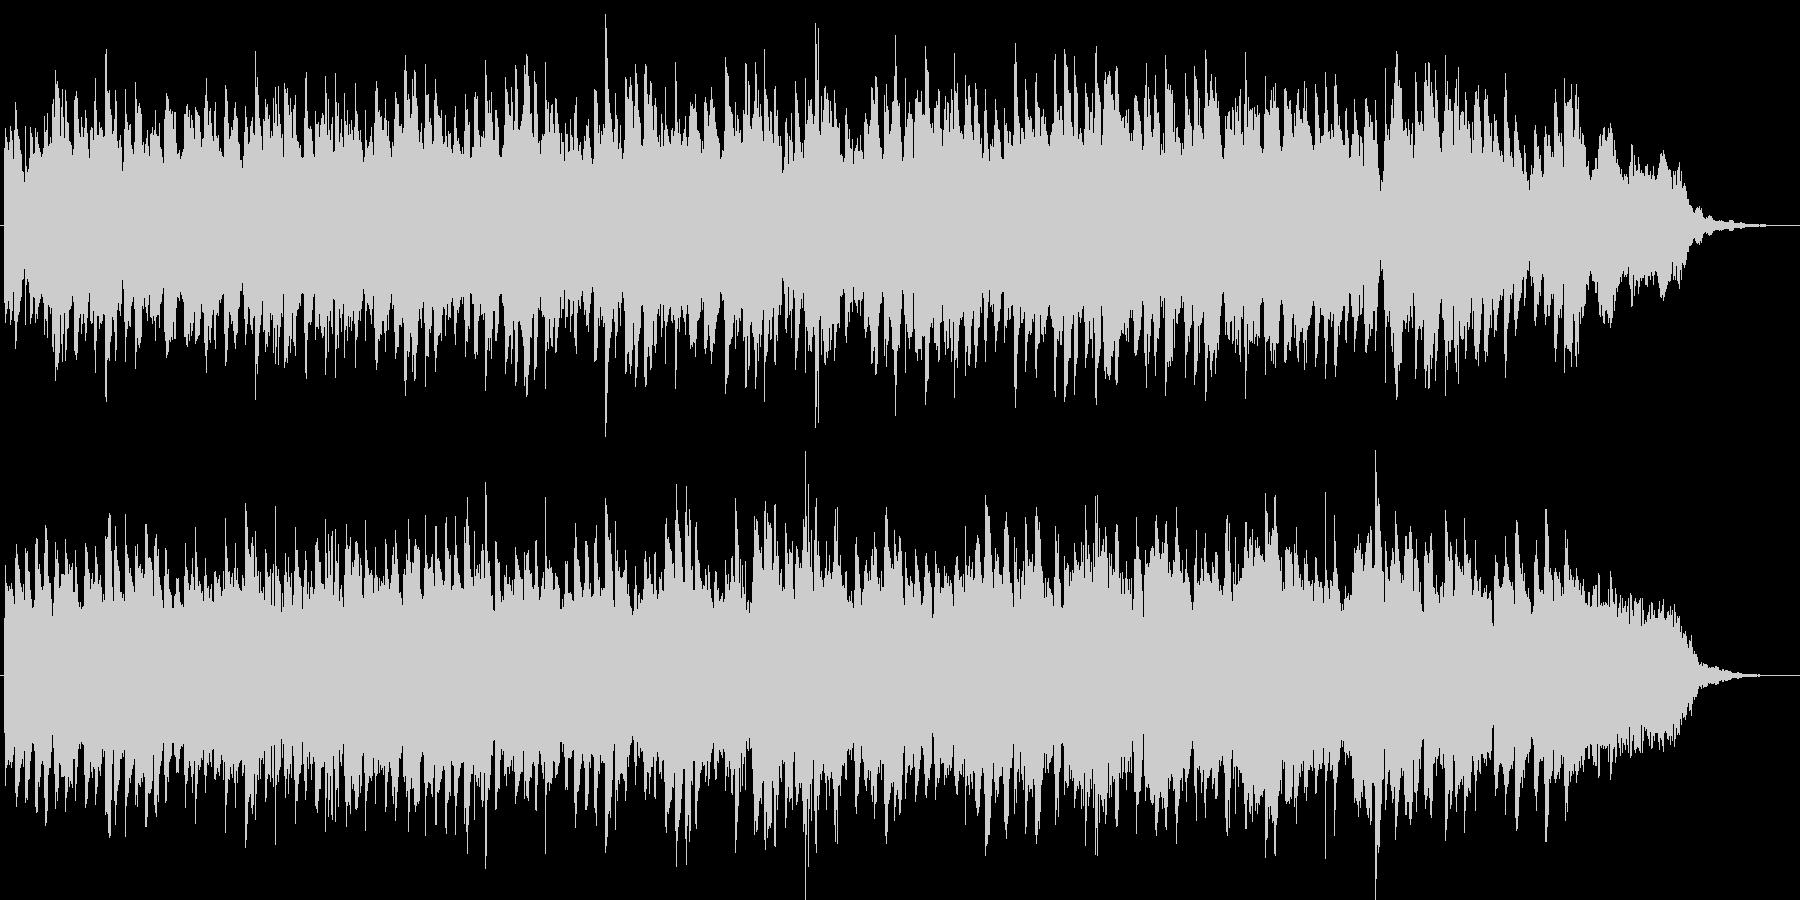 シンセによるキラキラしたジングル4の未再生の波形